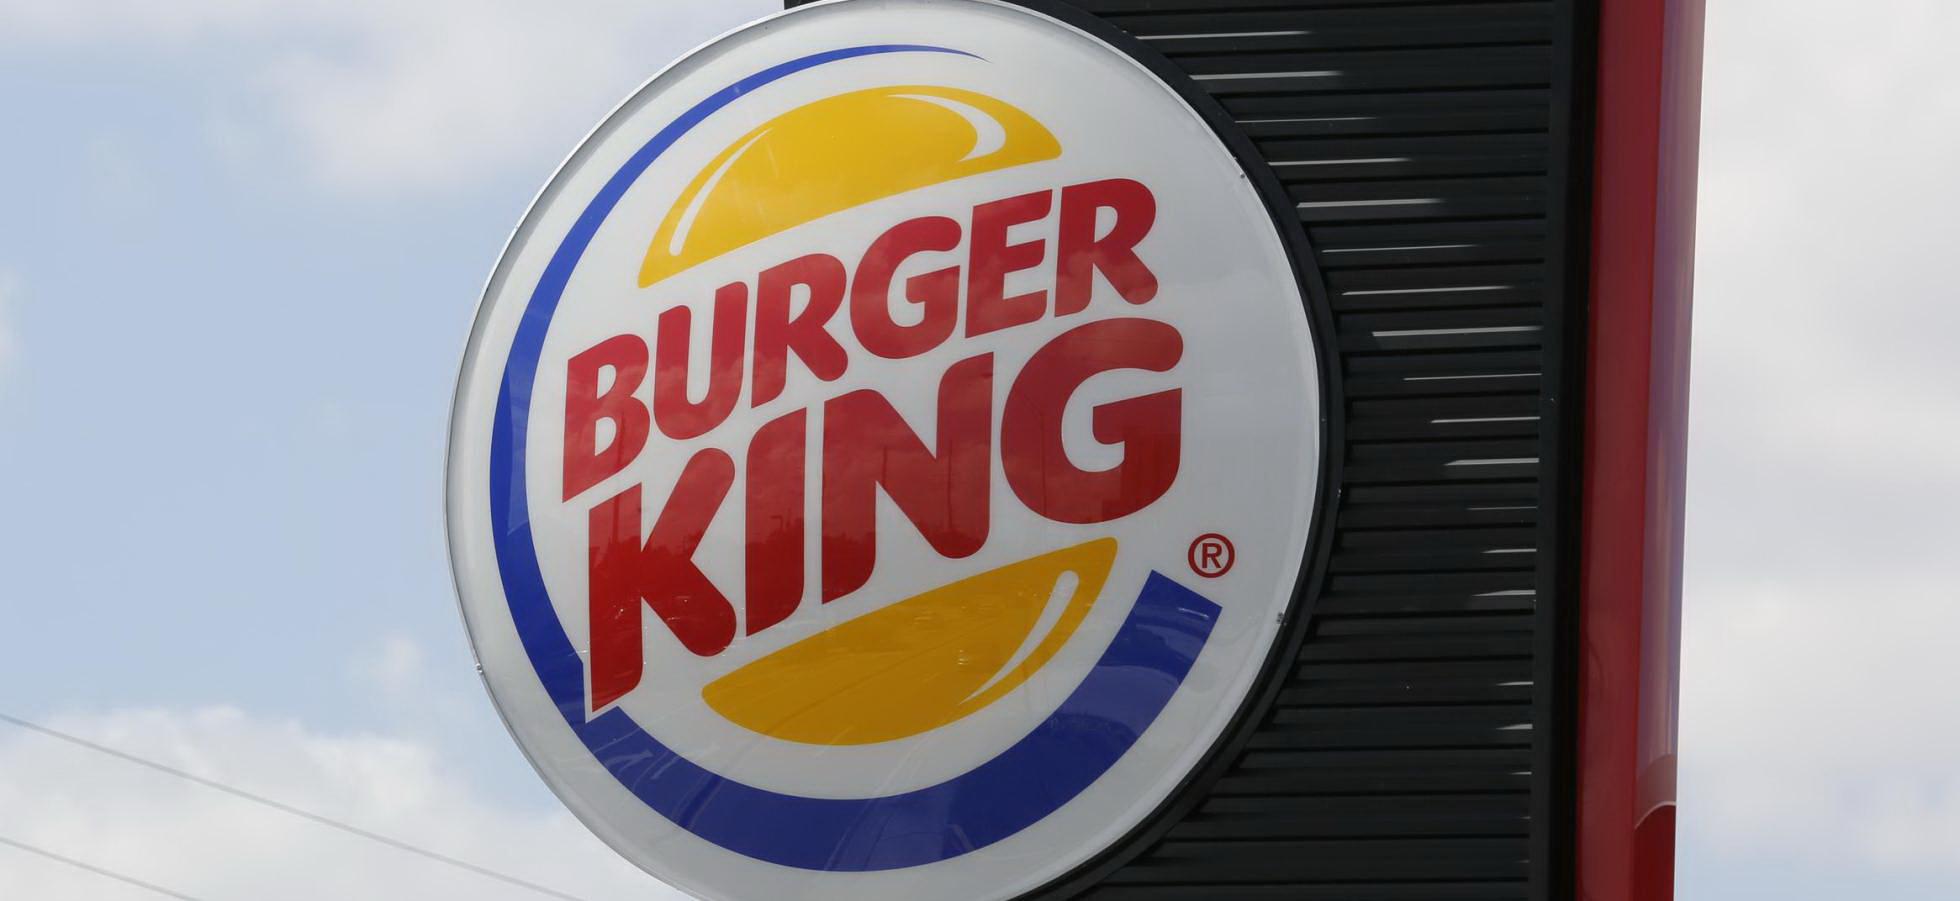 Компания Burger King España купила Megafood, крупнейший франчайзи бренда в Испании